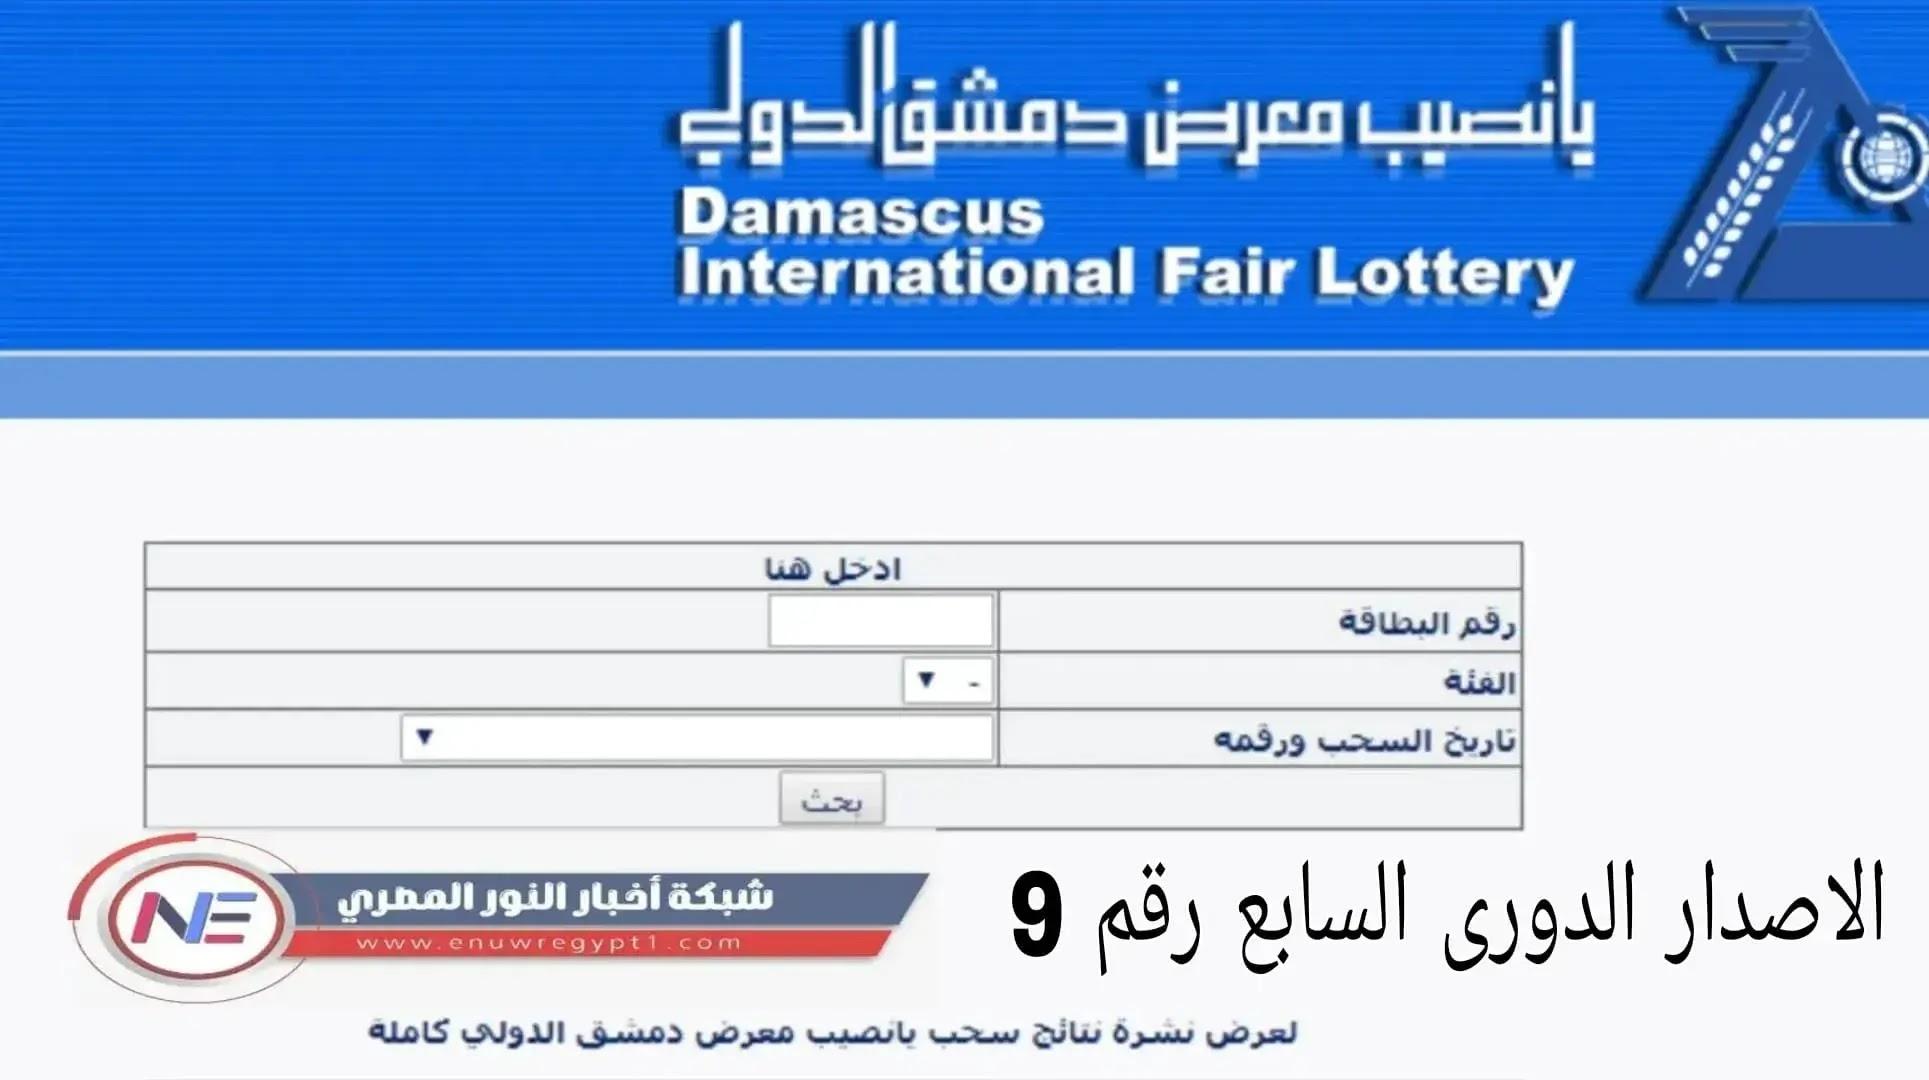 صدرت الان | نتائج يانصيب معرض دمشق الدولي اليوم الثلاثاء 09-03-2021 | الارقام الرابحة في معرض يانصيب دمشق السورى حسب ارقام البطاقات الاصدار الدورى السابع رقم 9 لعام 2021 | www.diflottery.com.sy